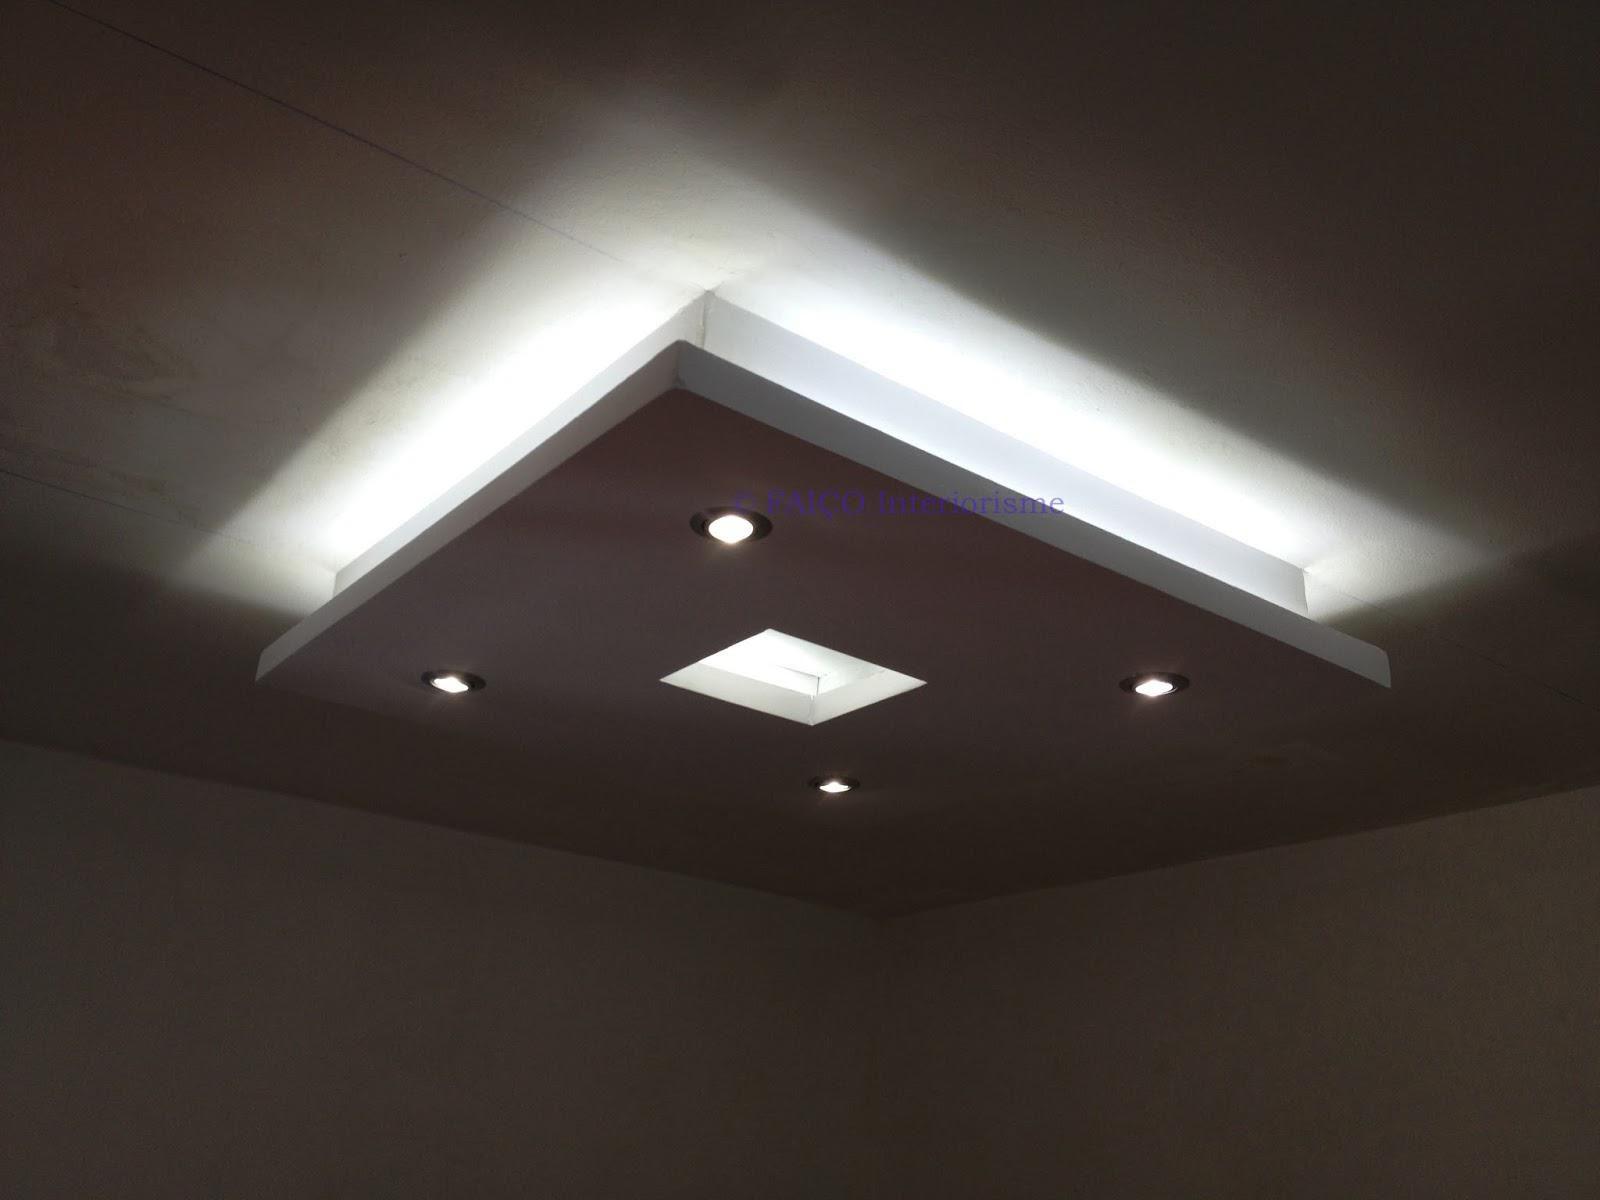 Luz indirecta led luz indirecta en pasillos luz - Luz led casa ...